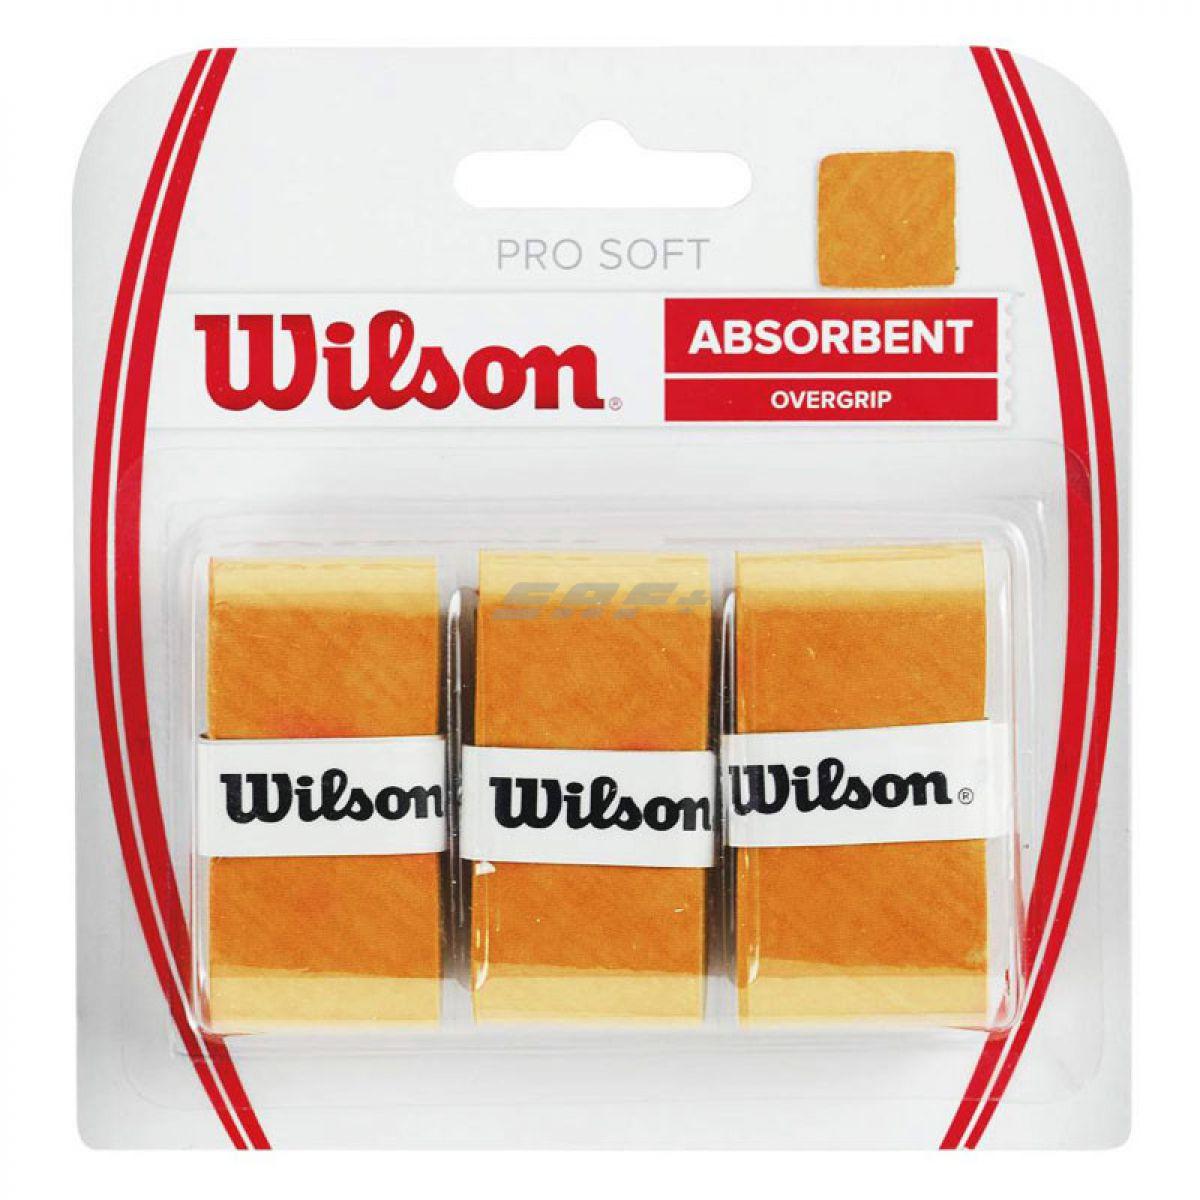 Овергрип Овергрип Wilson Pro Soft Overgrip, арт. WRZ4040GO, 0,5 мм, размер 2,5см*120см,3 шт, желтый